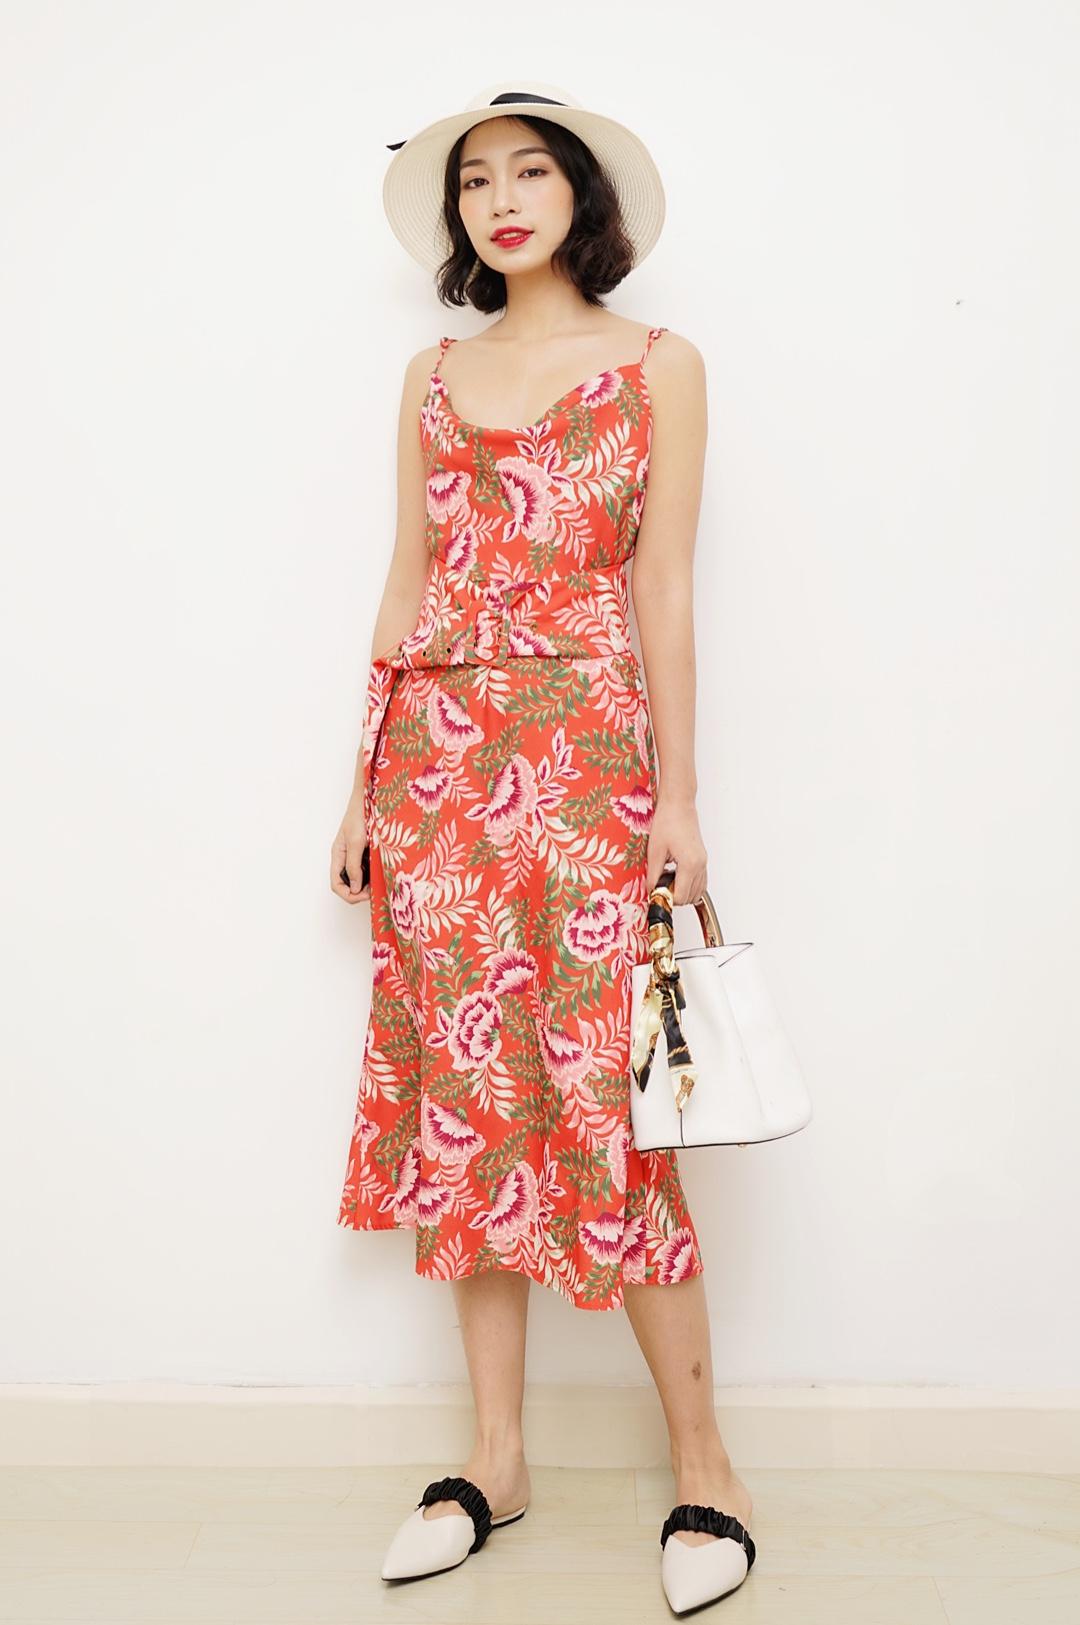 今天分享一款很适合度假穿的穿搭~ 红色的花色连衣裙真的好好看哦,极具度假风情的花纹,搭配抢眼的红色,女人味十足~ 胸前不规则的廓形很适合胸小的妹子,加上微微的v字露背,更加性感,夏天出游可以穿起来喔~